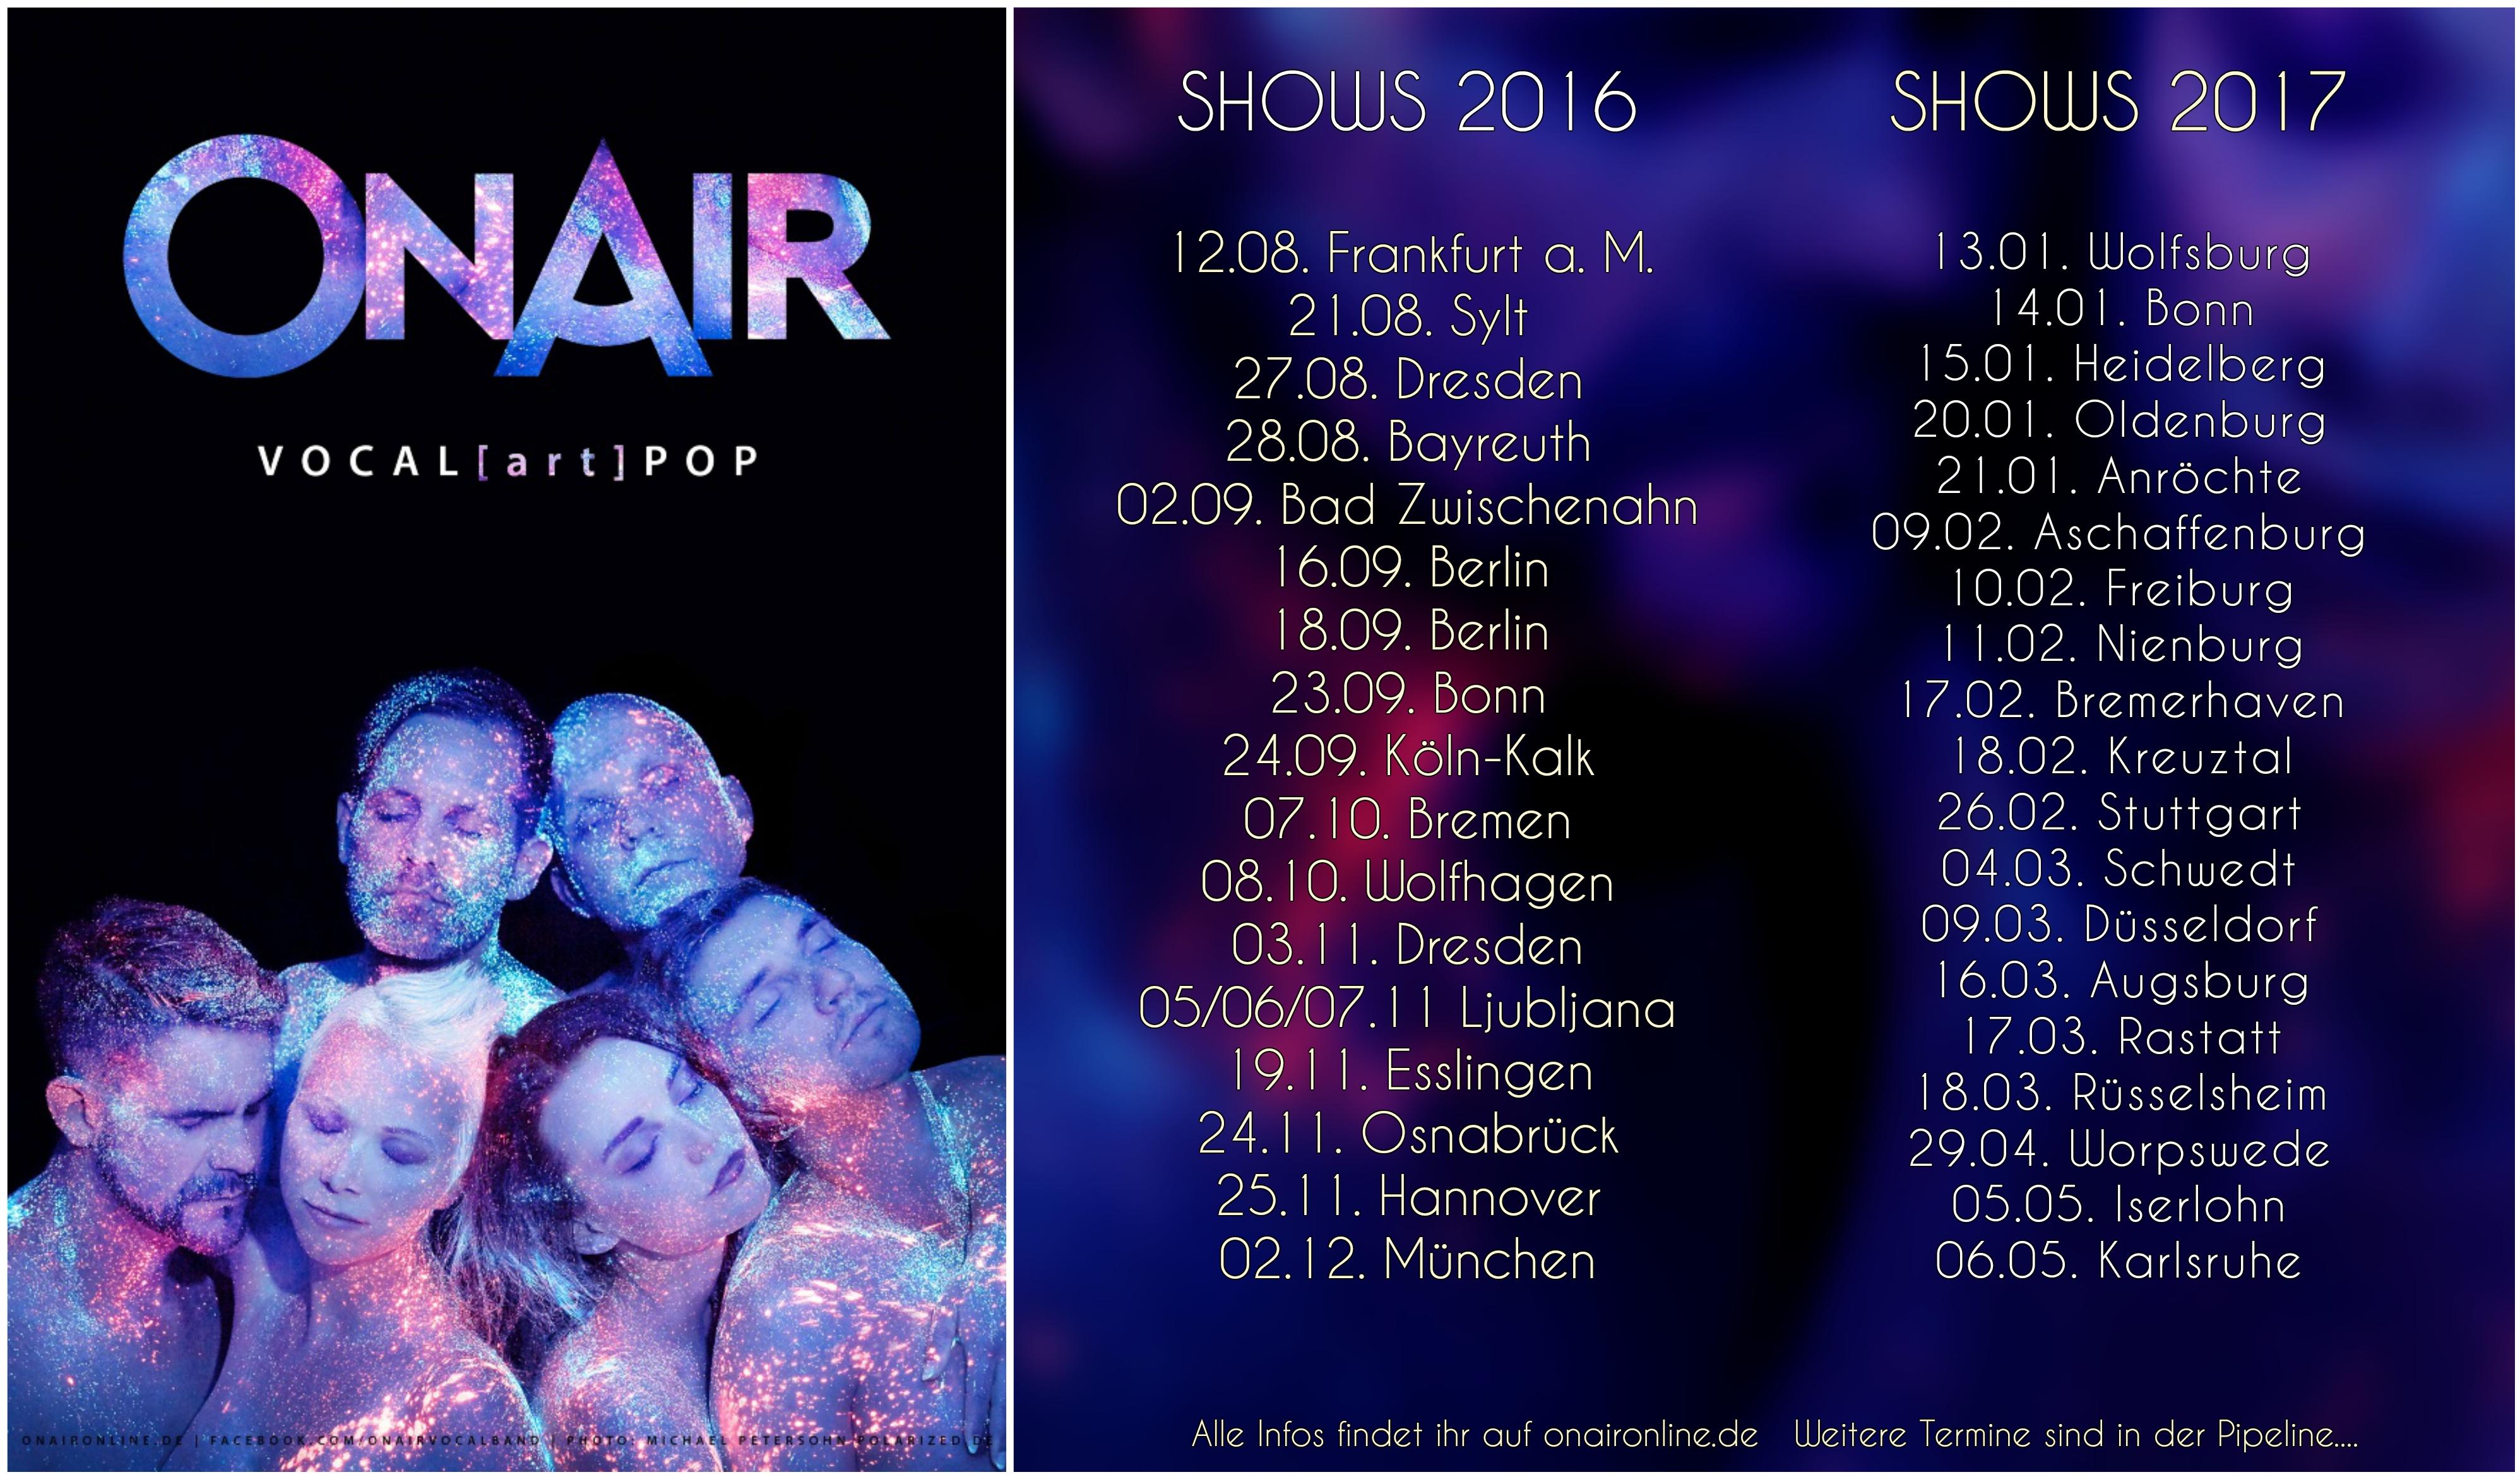 onair-tour-2016-2017